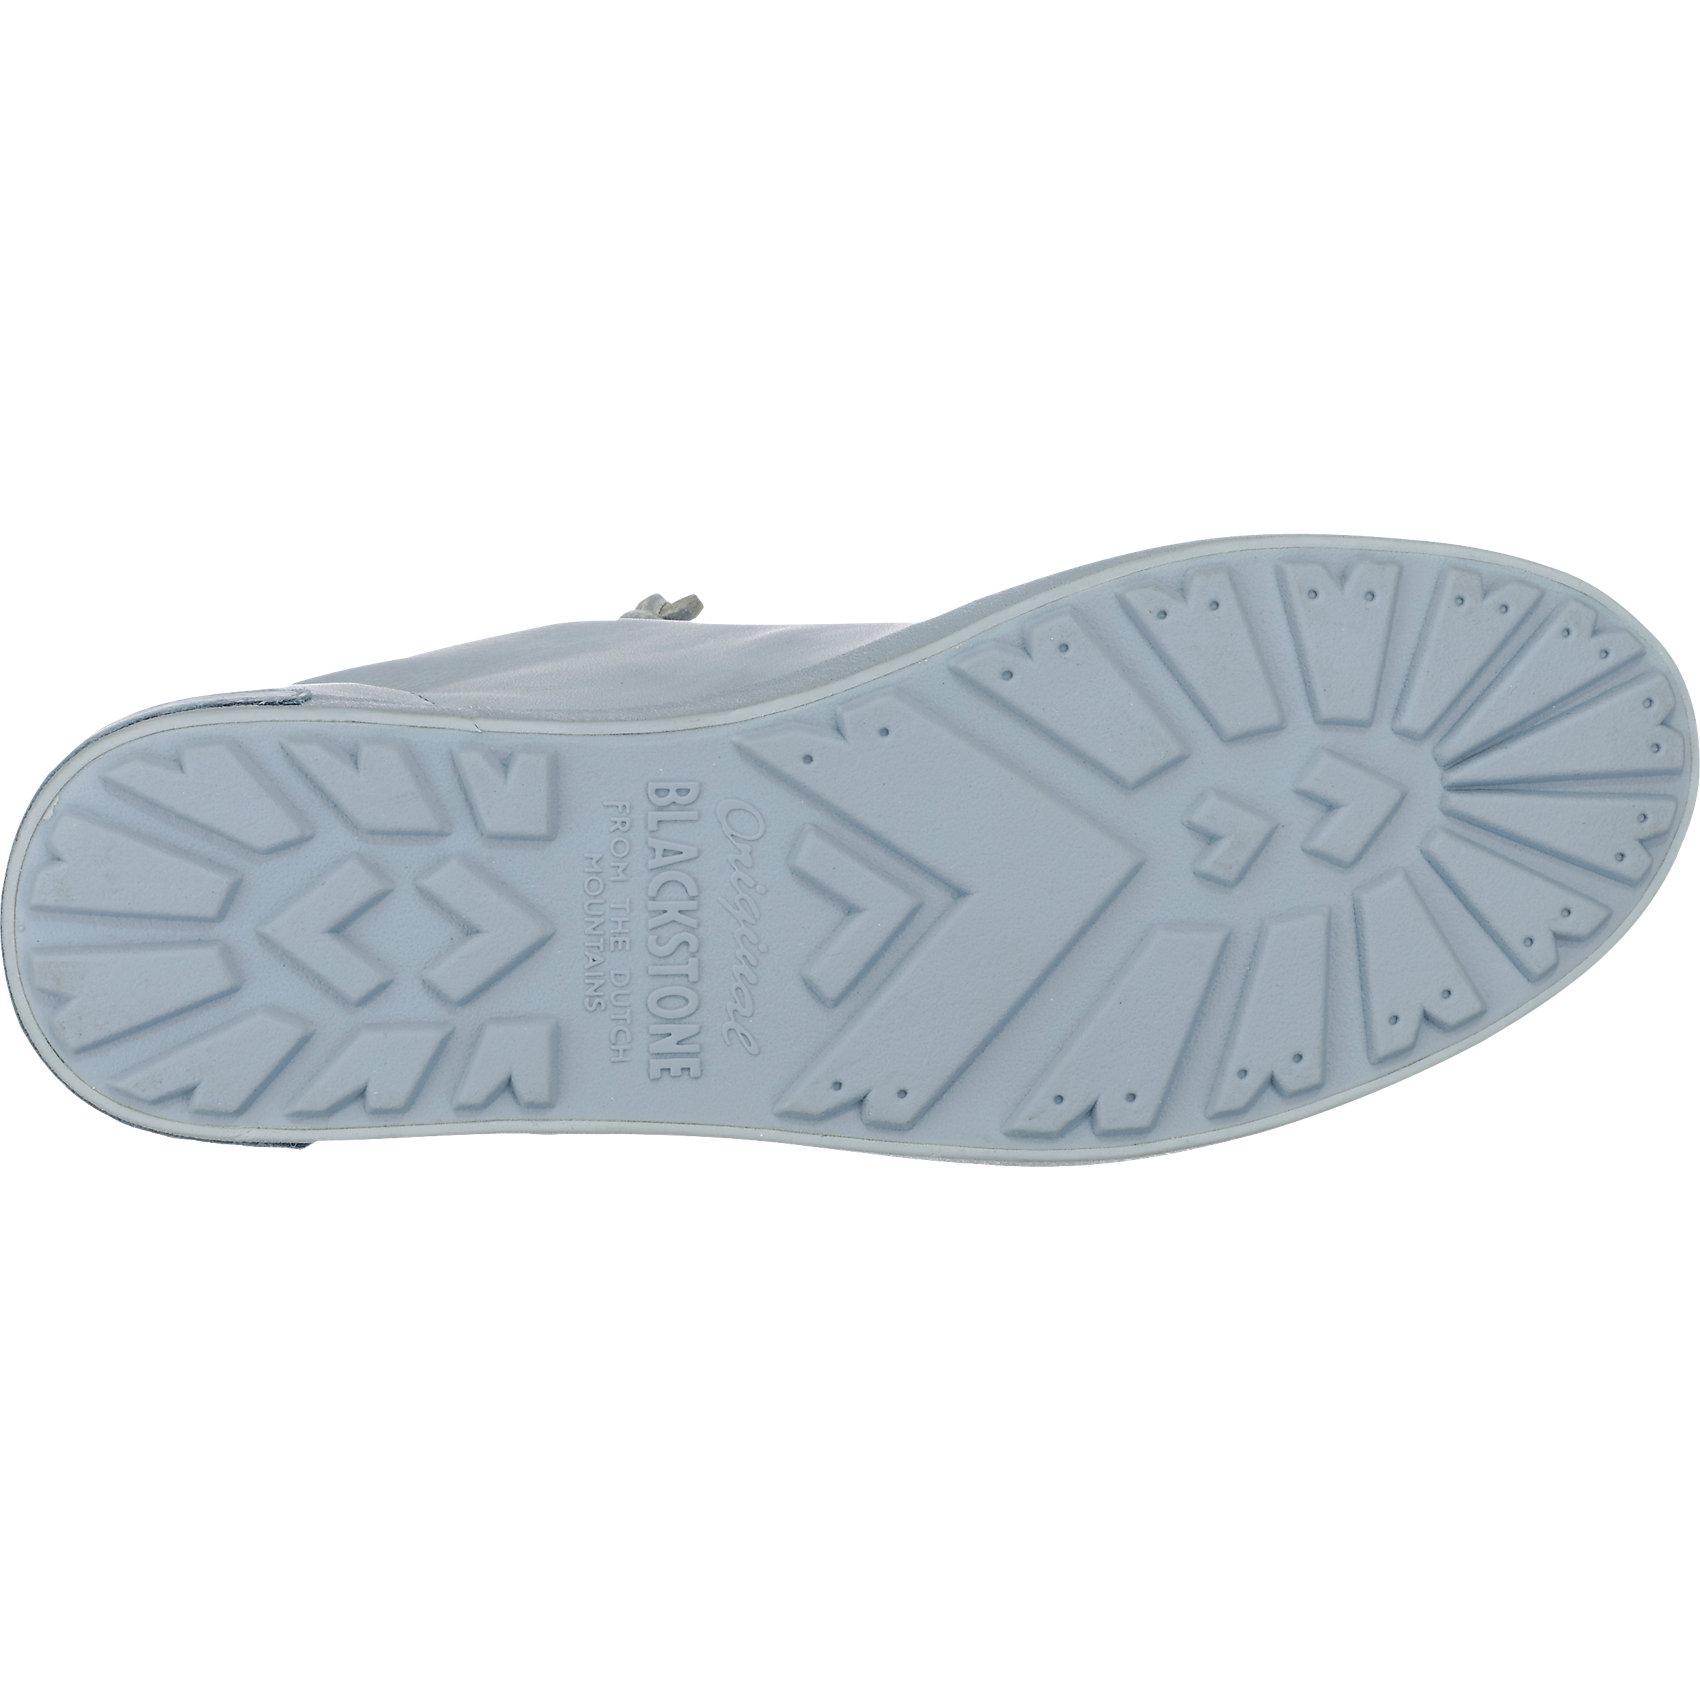 Neu Blackstone Sneakers weiß hellblau 5774720